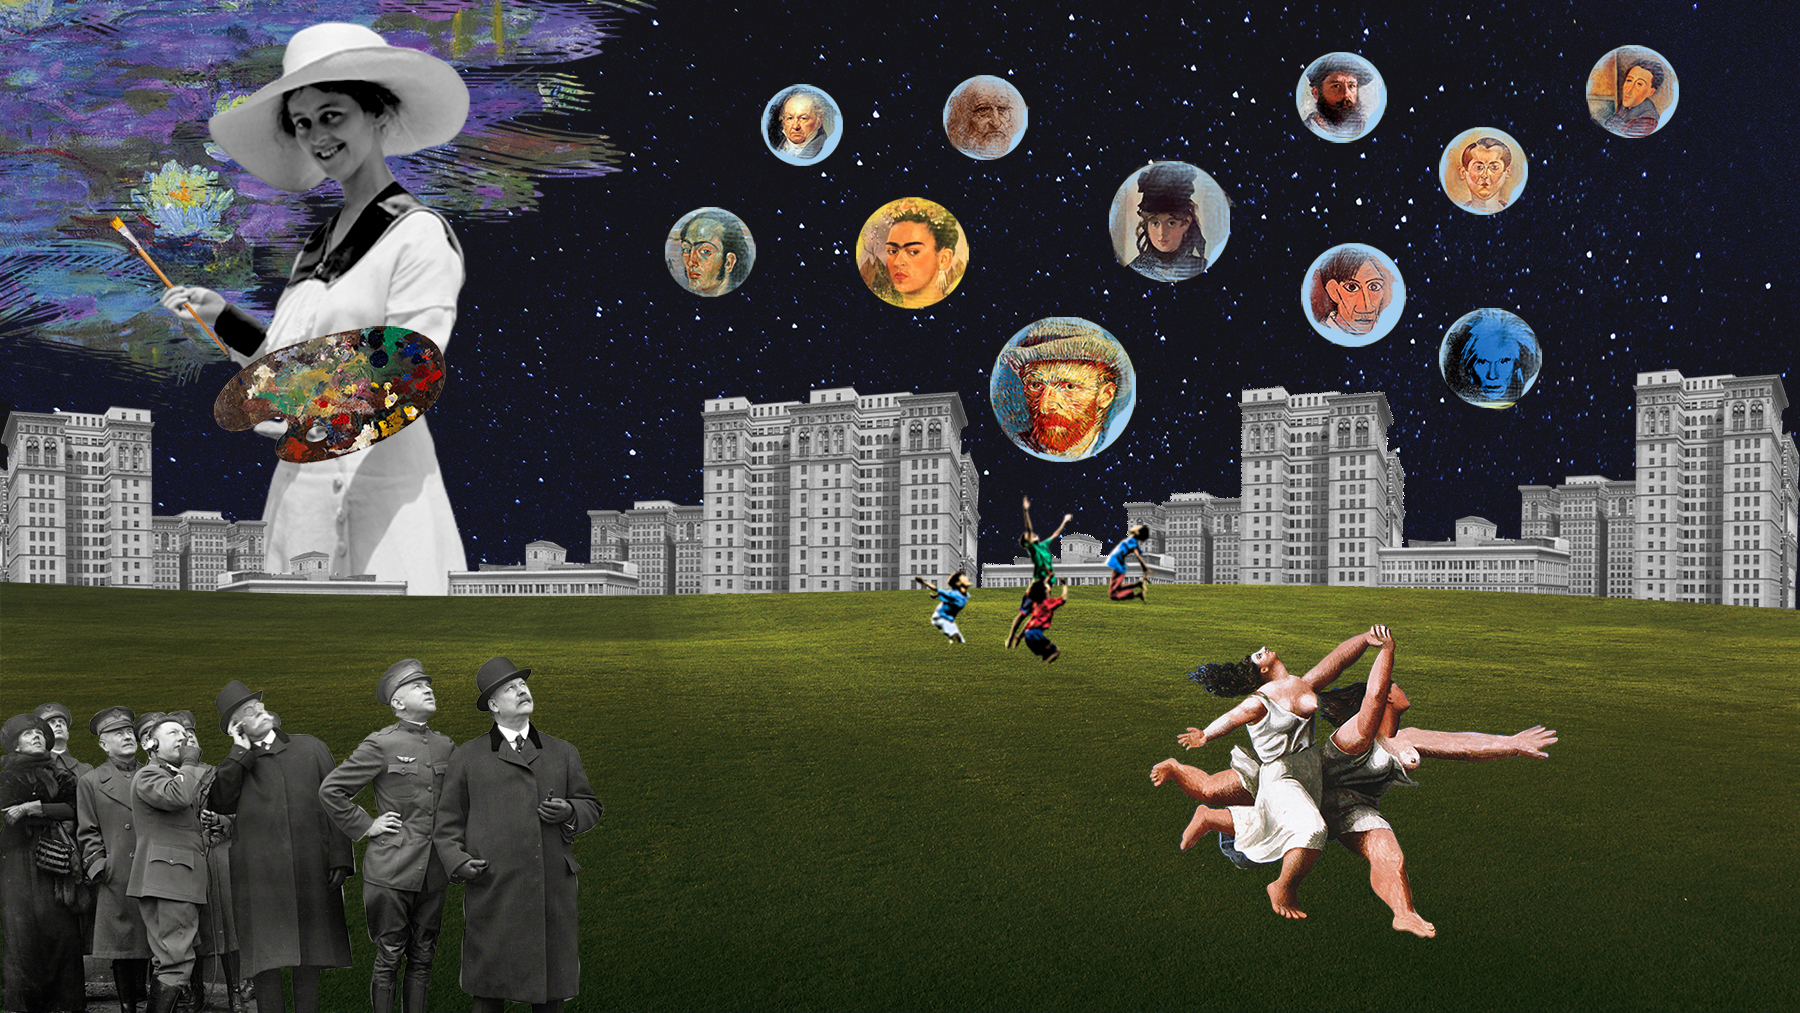 Imagen surrealista con foto blanco y negro de mujer gigante, con edificios abajo, niños saltando en hierba, grupo de gente mirando en blanco y negro, mujeres corriendo de picasso, burbujas cayendo del cielo nocturno de pintores y pintoras. Loco Mundo Arte y Bohemia